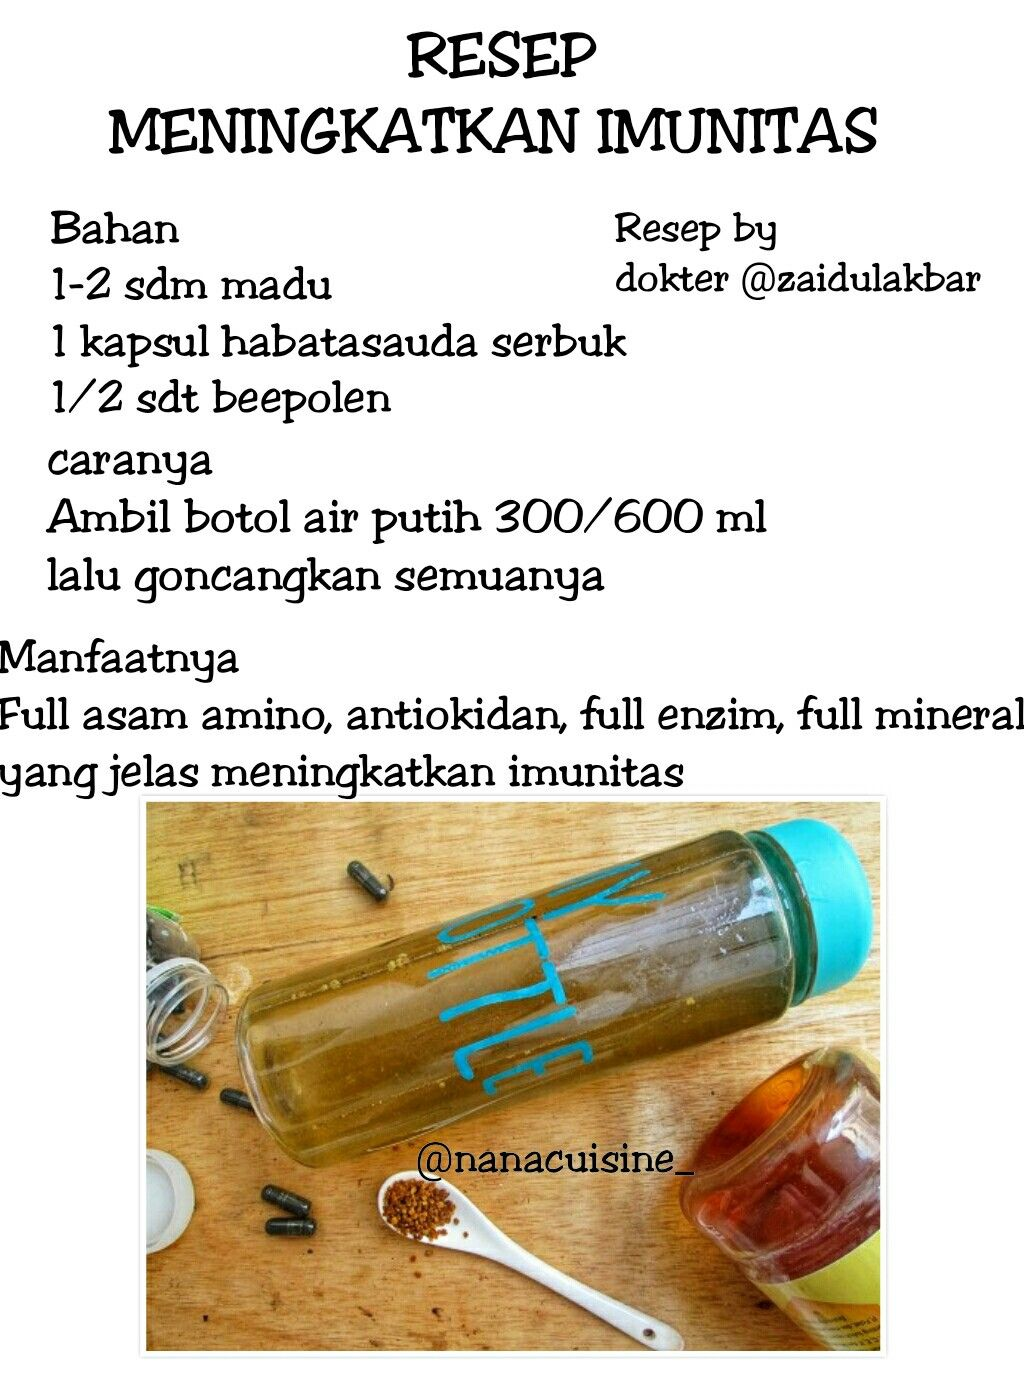 Pin Oleh Brenda Di Resep Jsr Minuman Sehat Obat Alami Kesehatan Alami